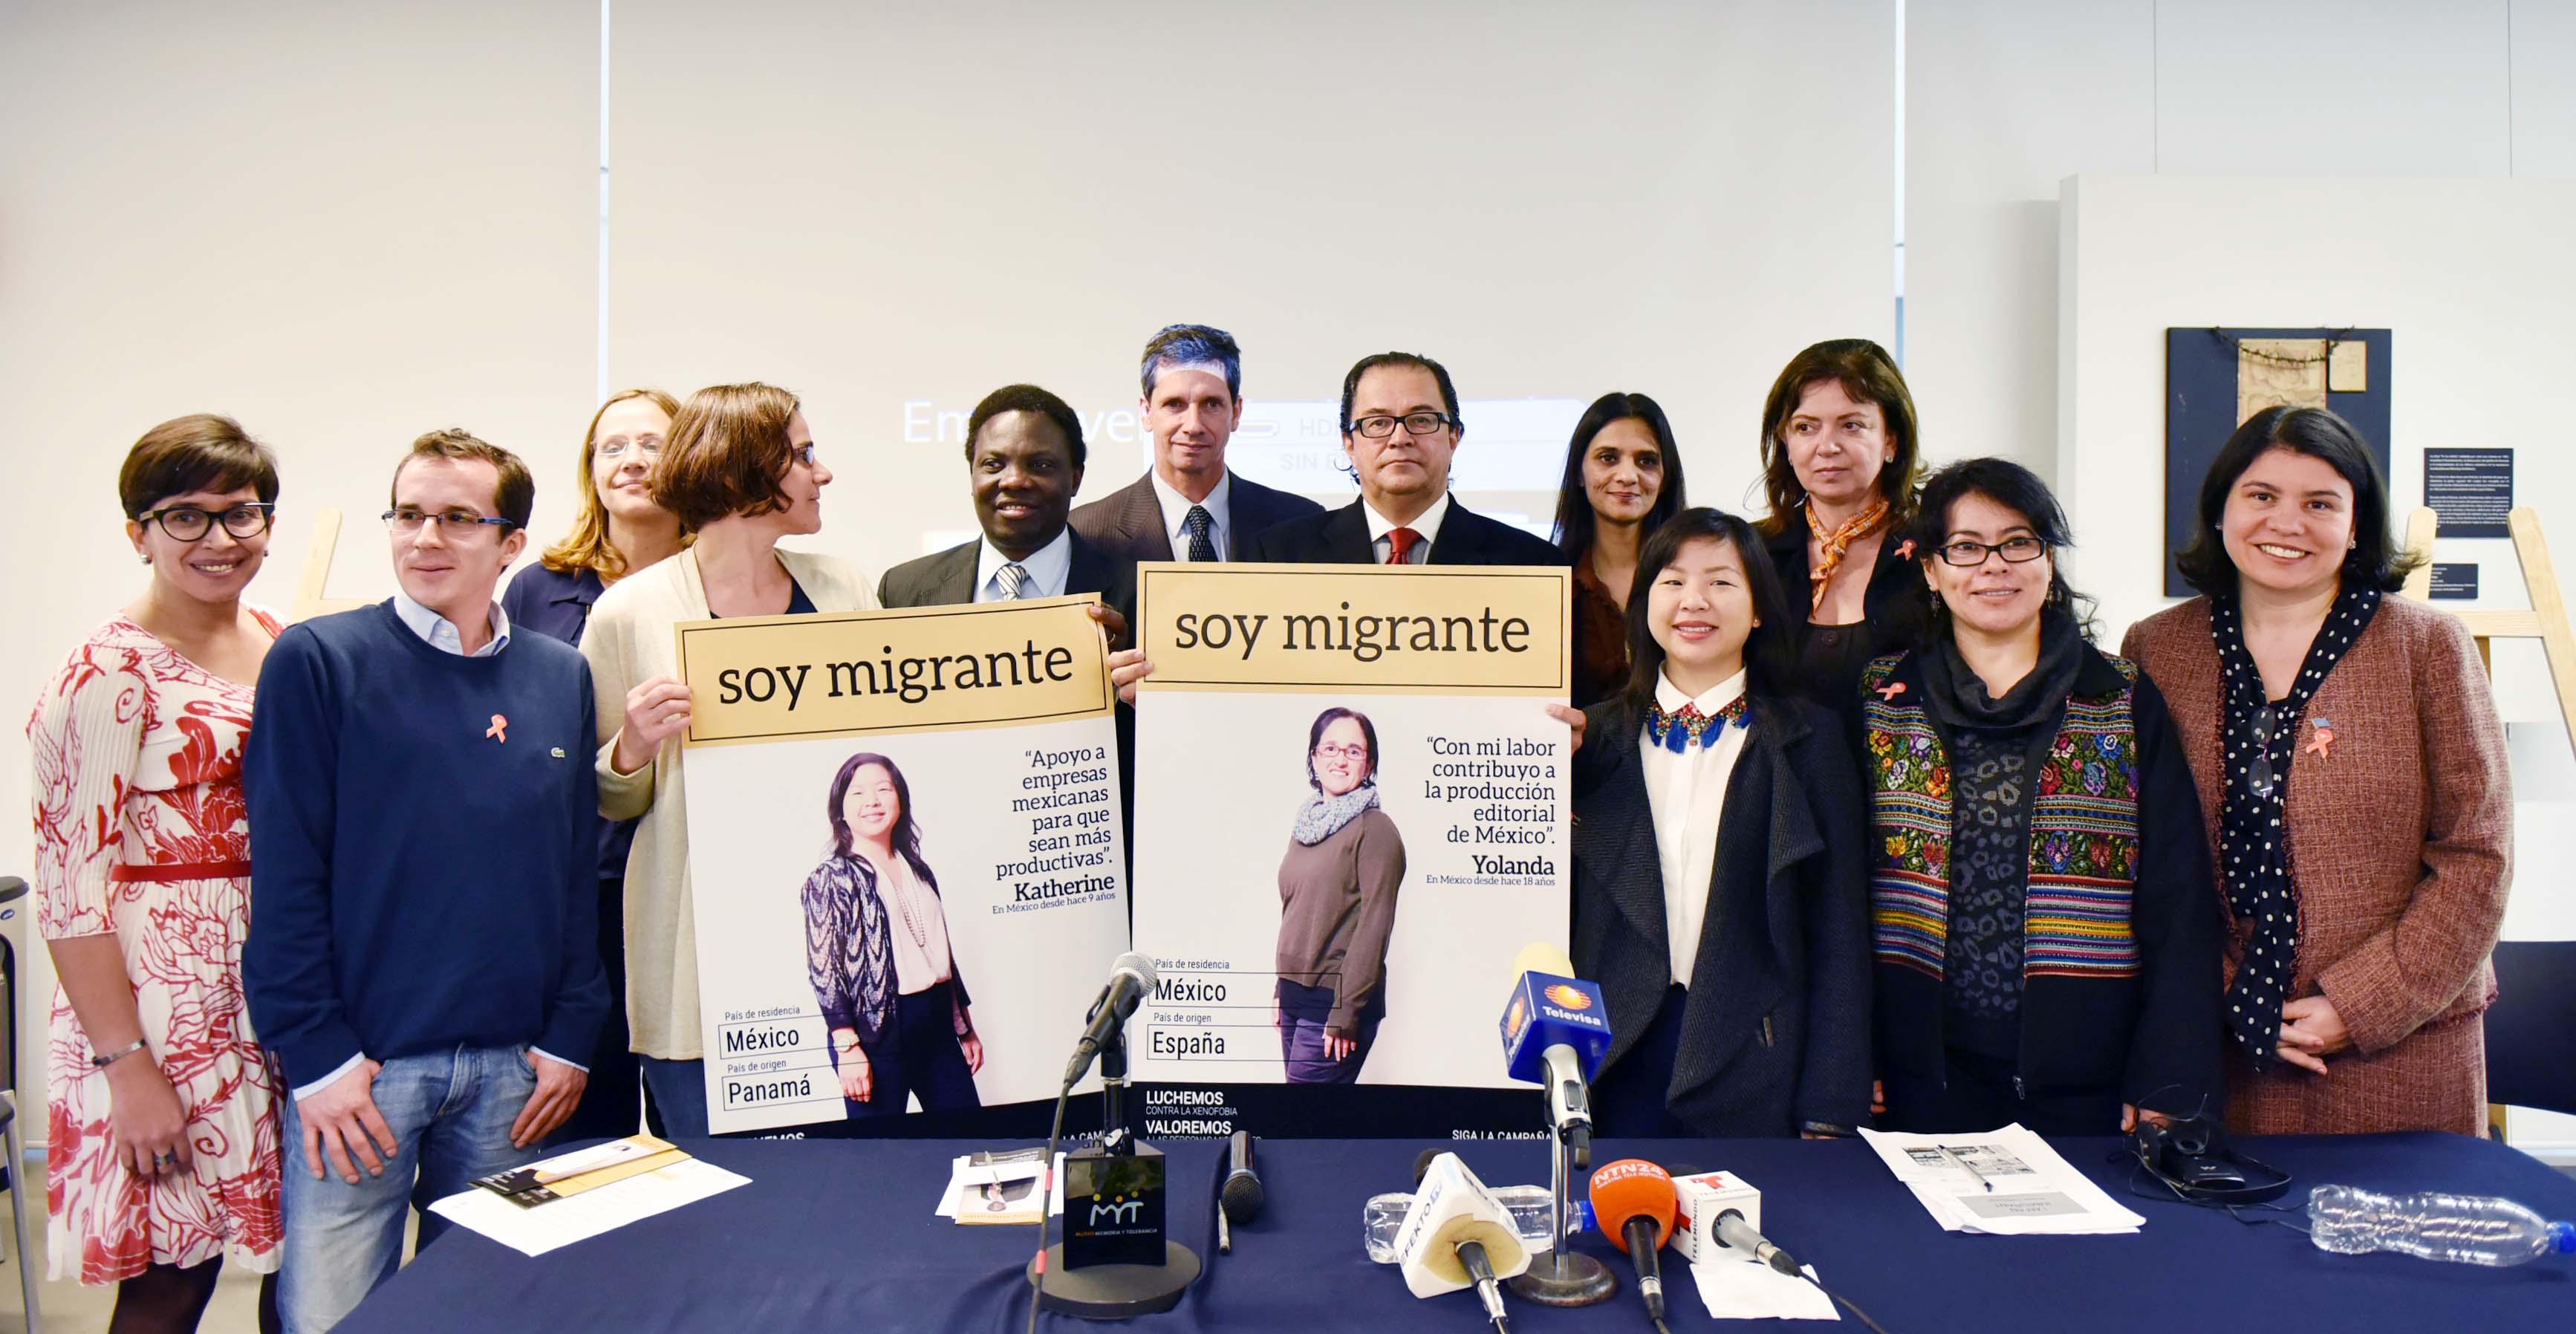 Presentación de la campaña Soy Migrante en la que participan la Secretaría de Gobernación, ONU Mujeres y Organización Internacional para las Migraciones